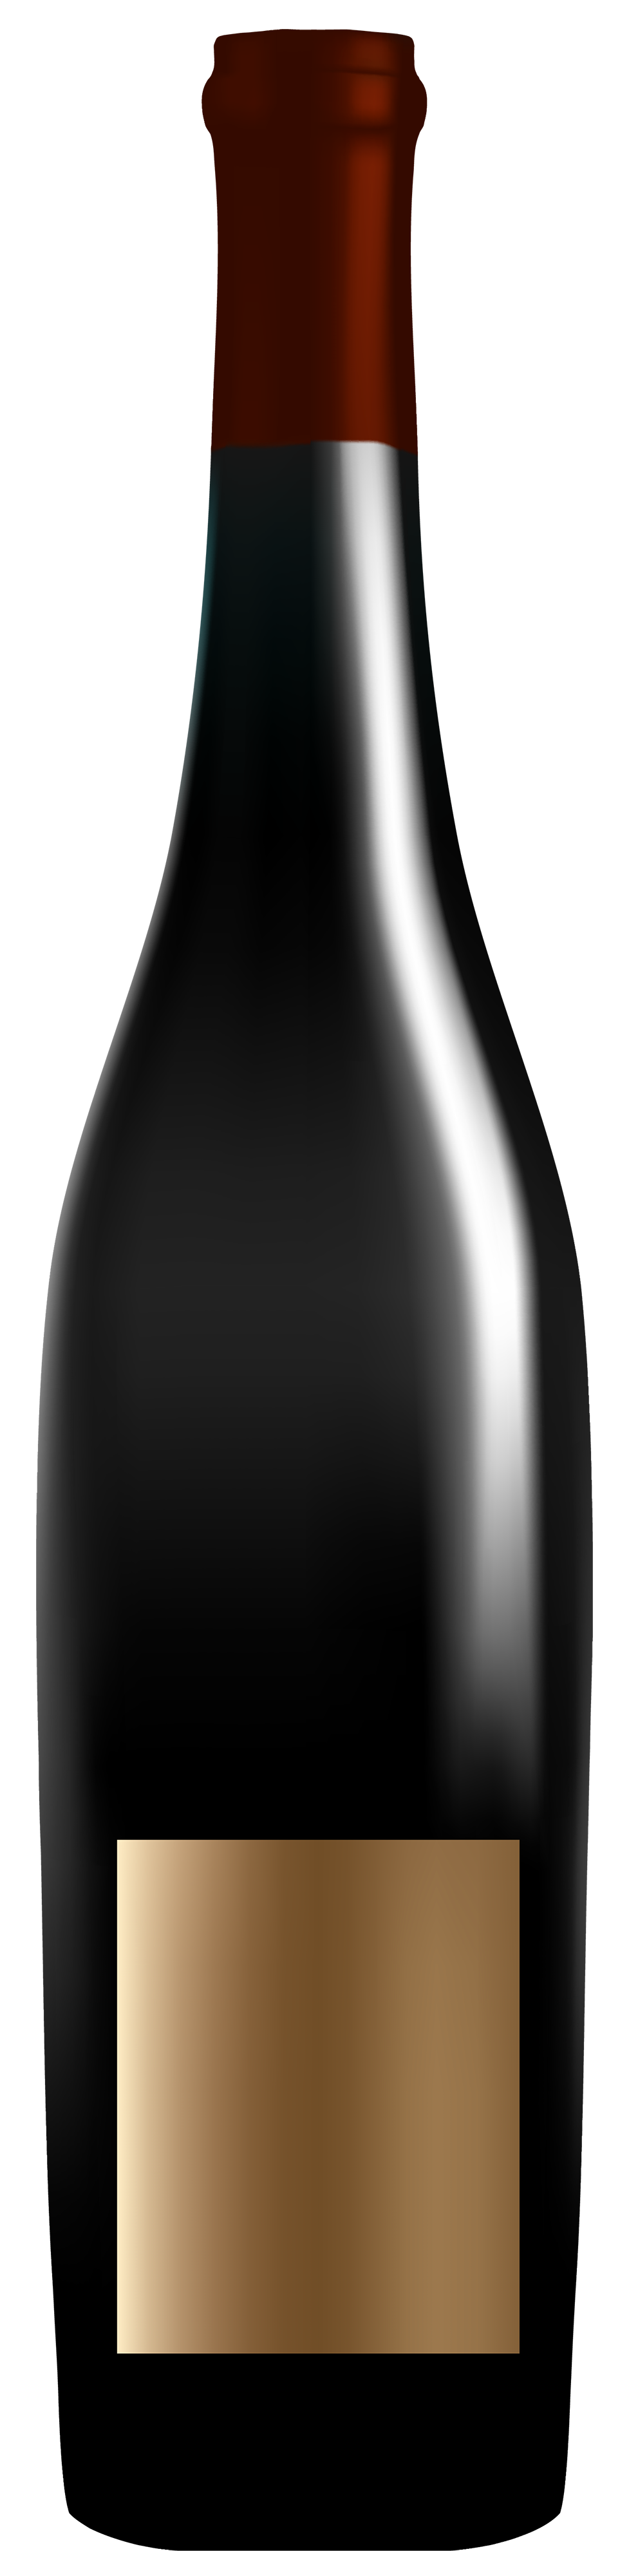 Elegant Wine Bottle PNG Clipart.